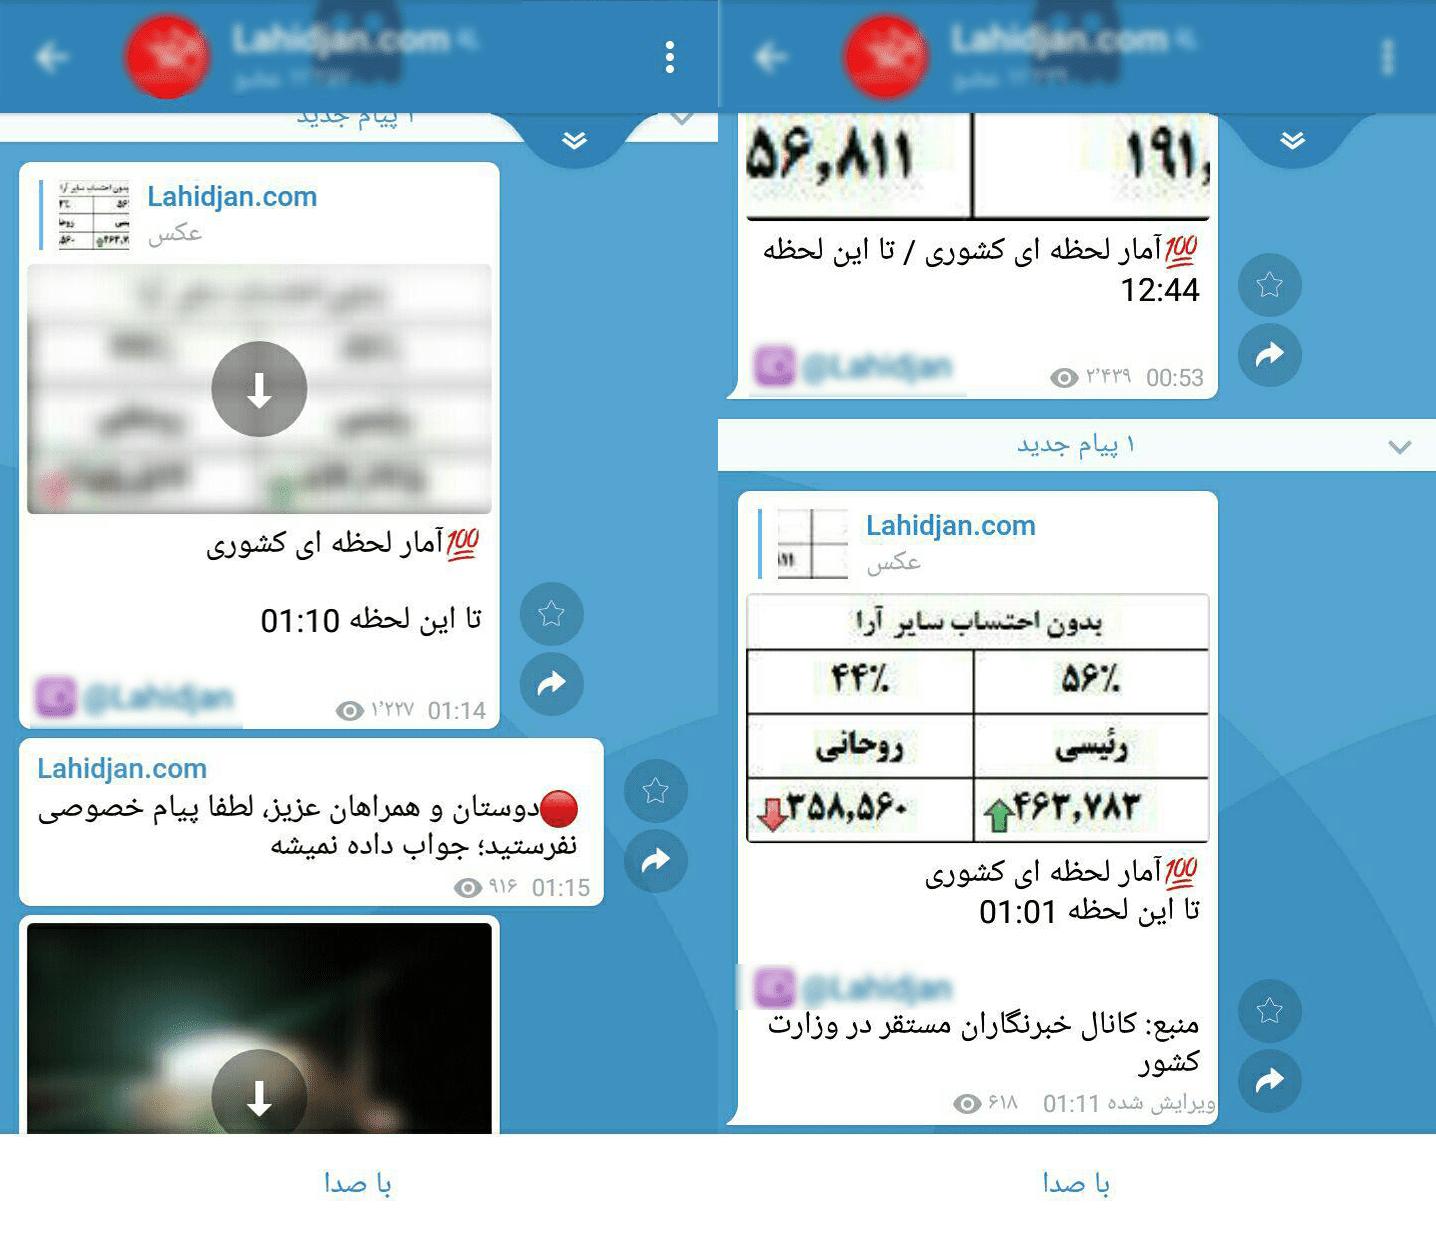 از انتشار آمار فریبنده توسط رسانه های دلواپس تا رای بی نظیر مردم لاهیجان و پاسخ قاطع مردم لاهیجان به دلواپسان!